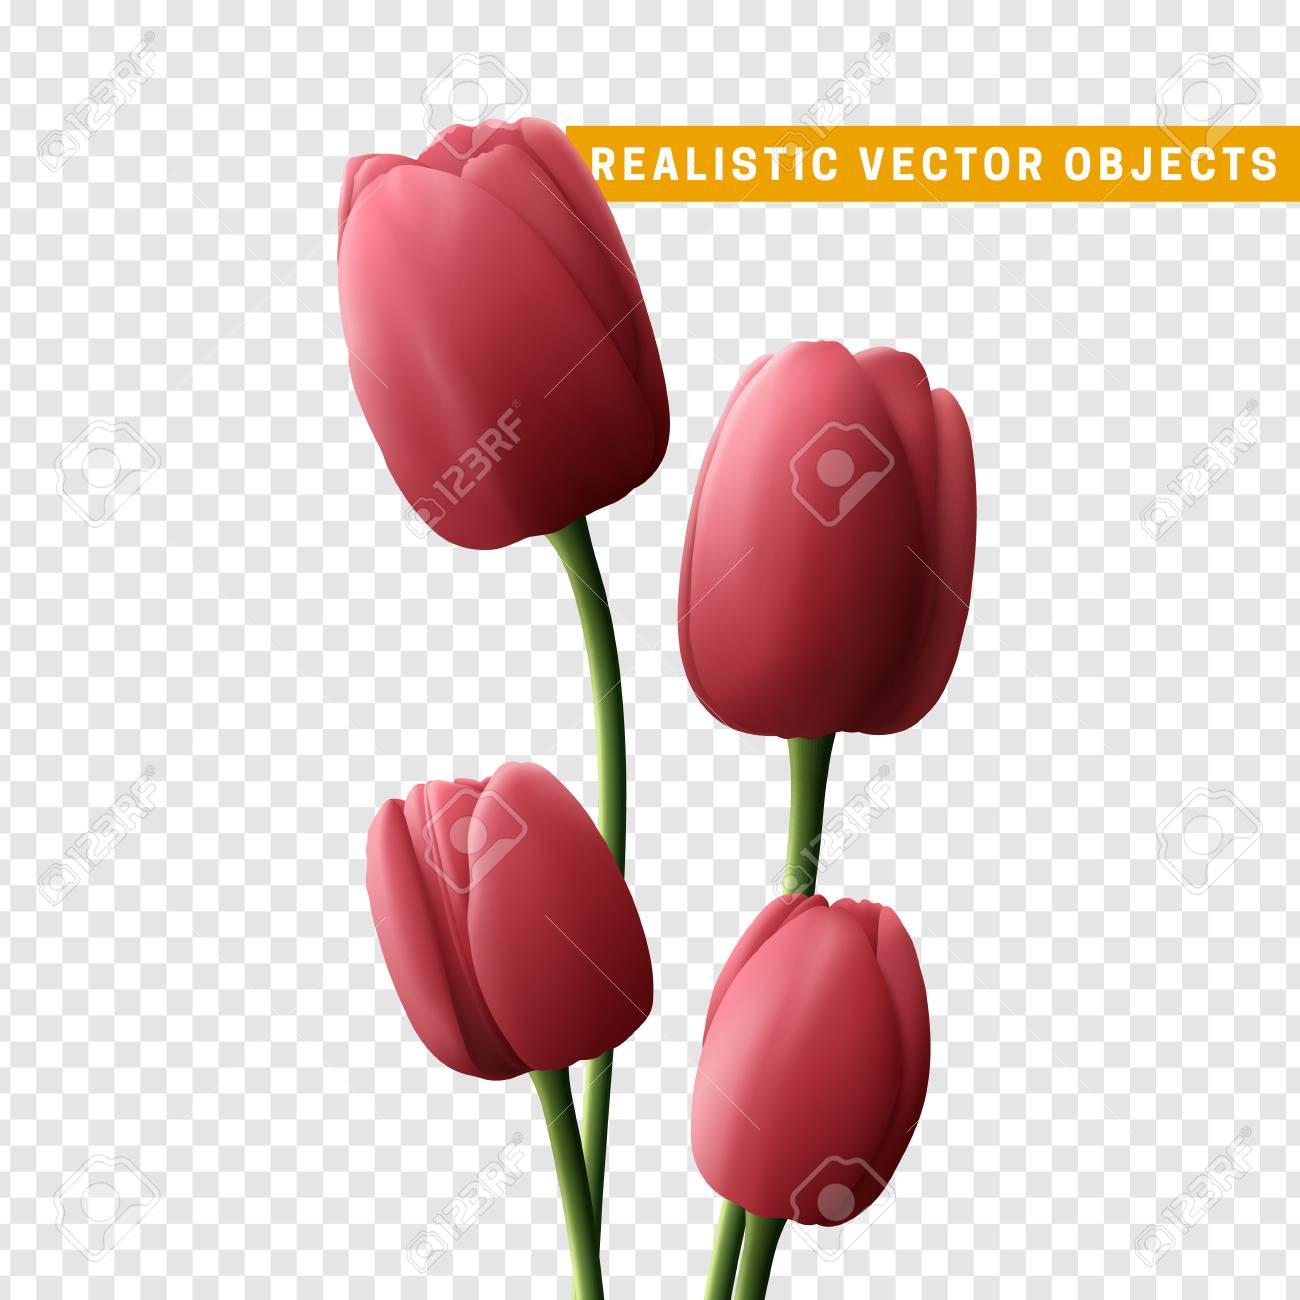 Tulipe fleur réaliste isolé sur fond transparent. Bouquet de tulipes roses